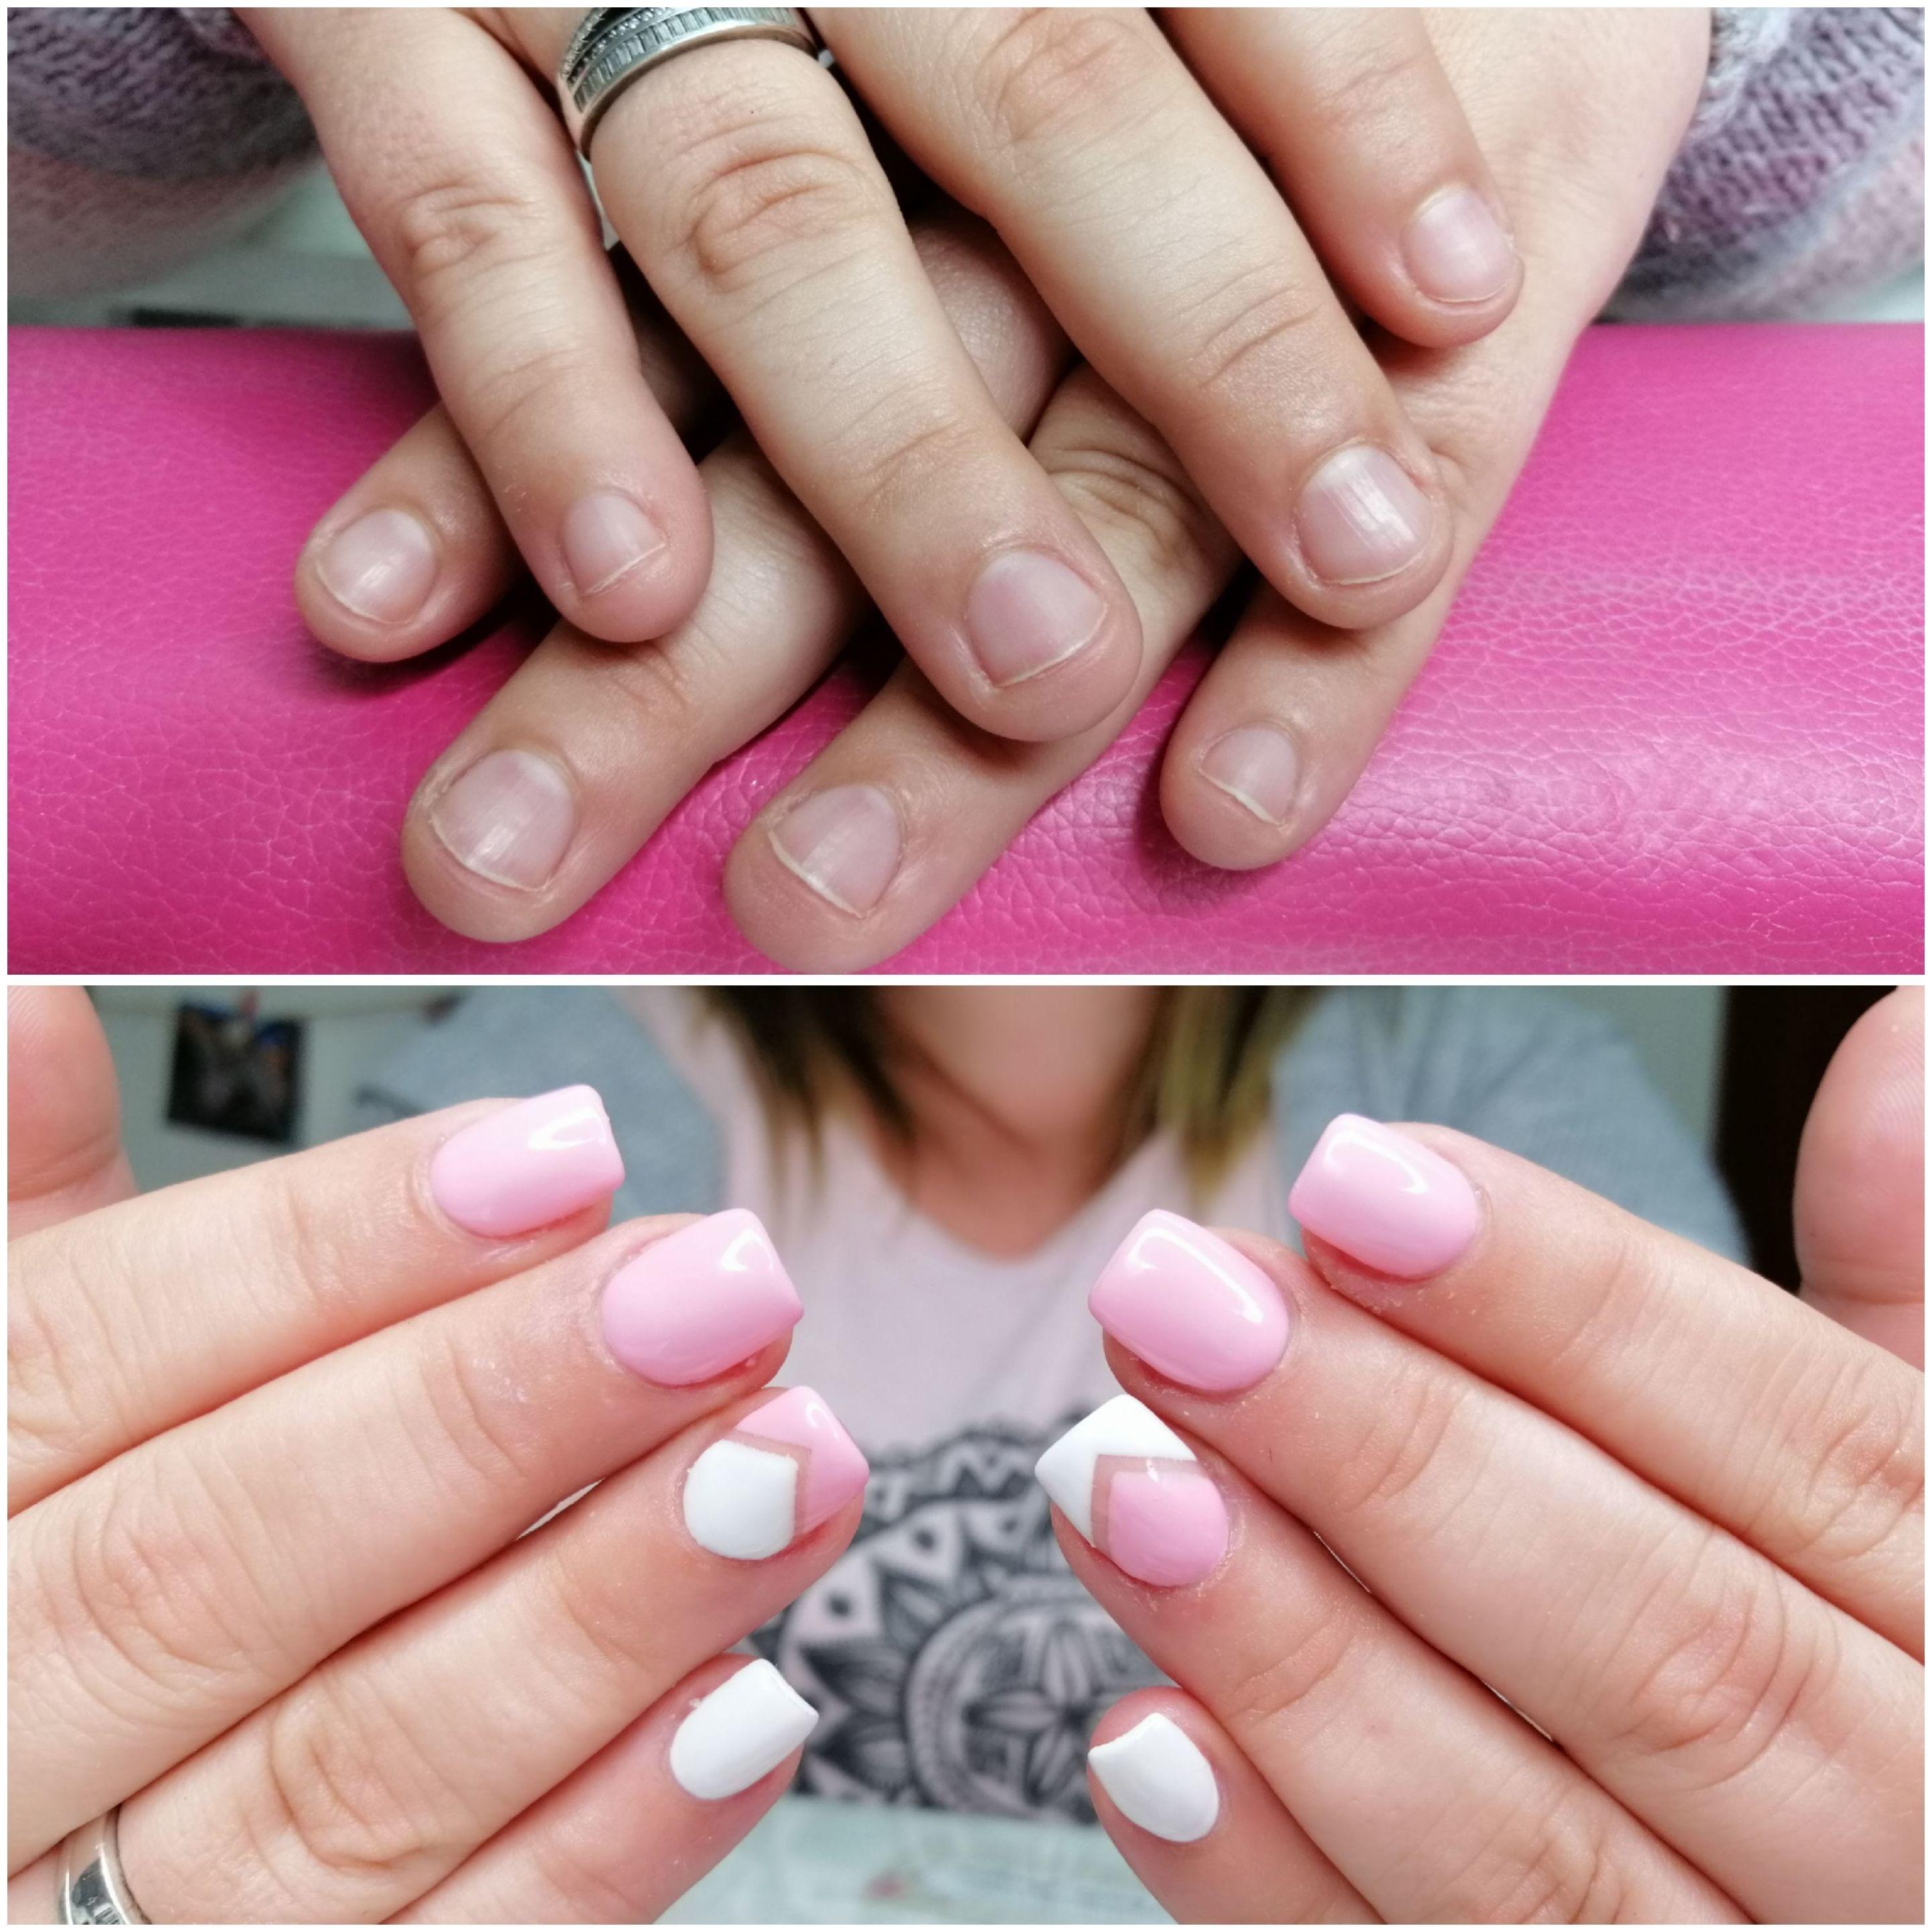 reconstrucción de uñas con acrilico